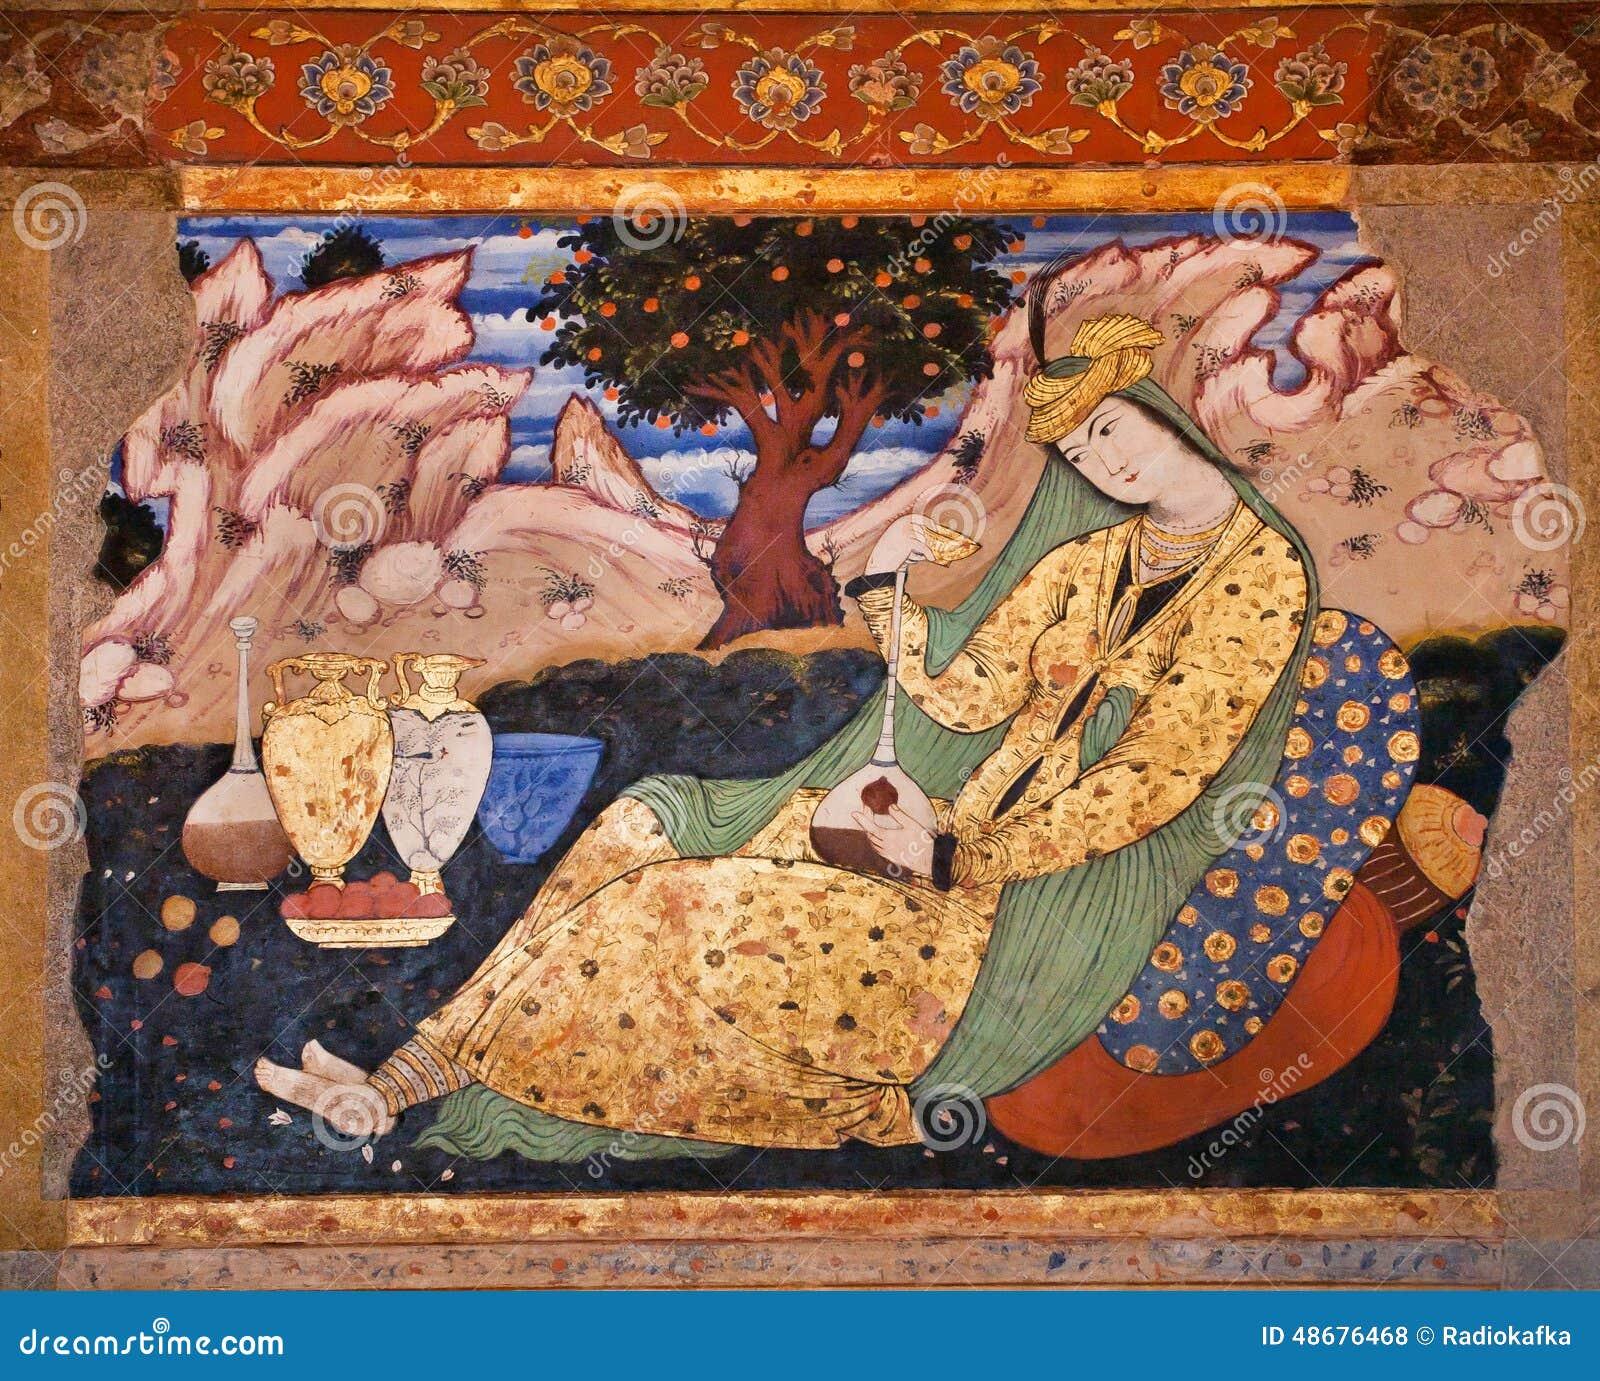 Oude fresko met beeld van mooie Perzische vrouw met waterkruiken in paleis Chehel Sotoun